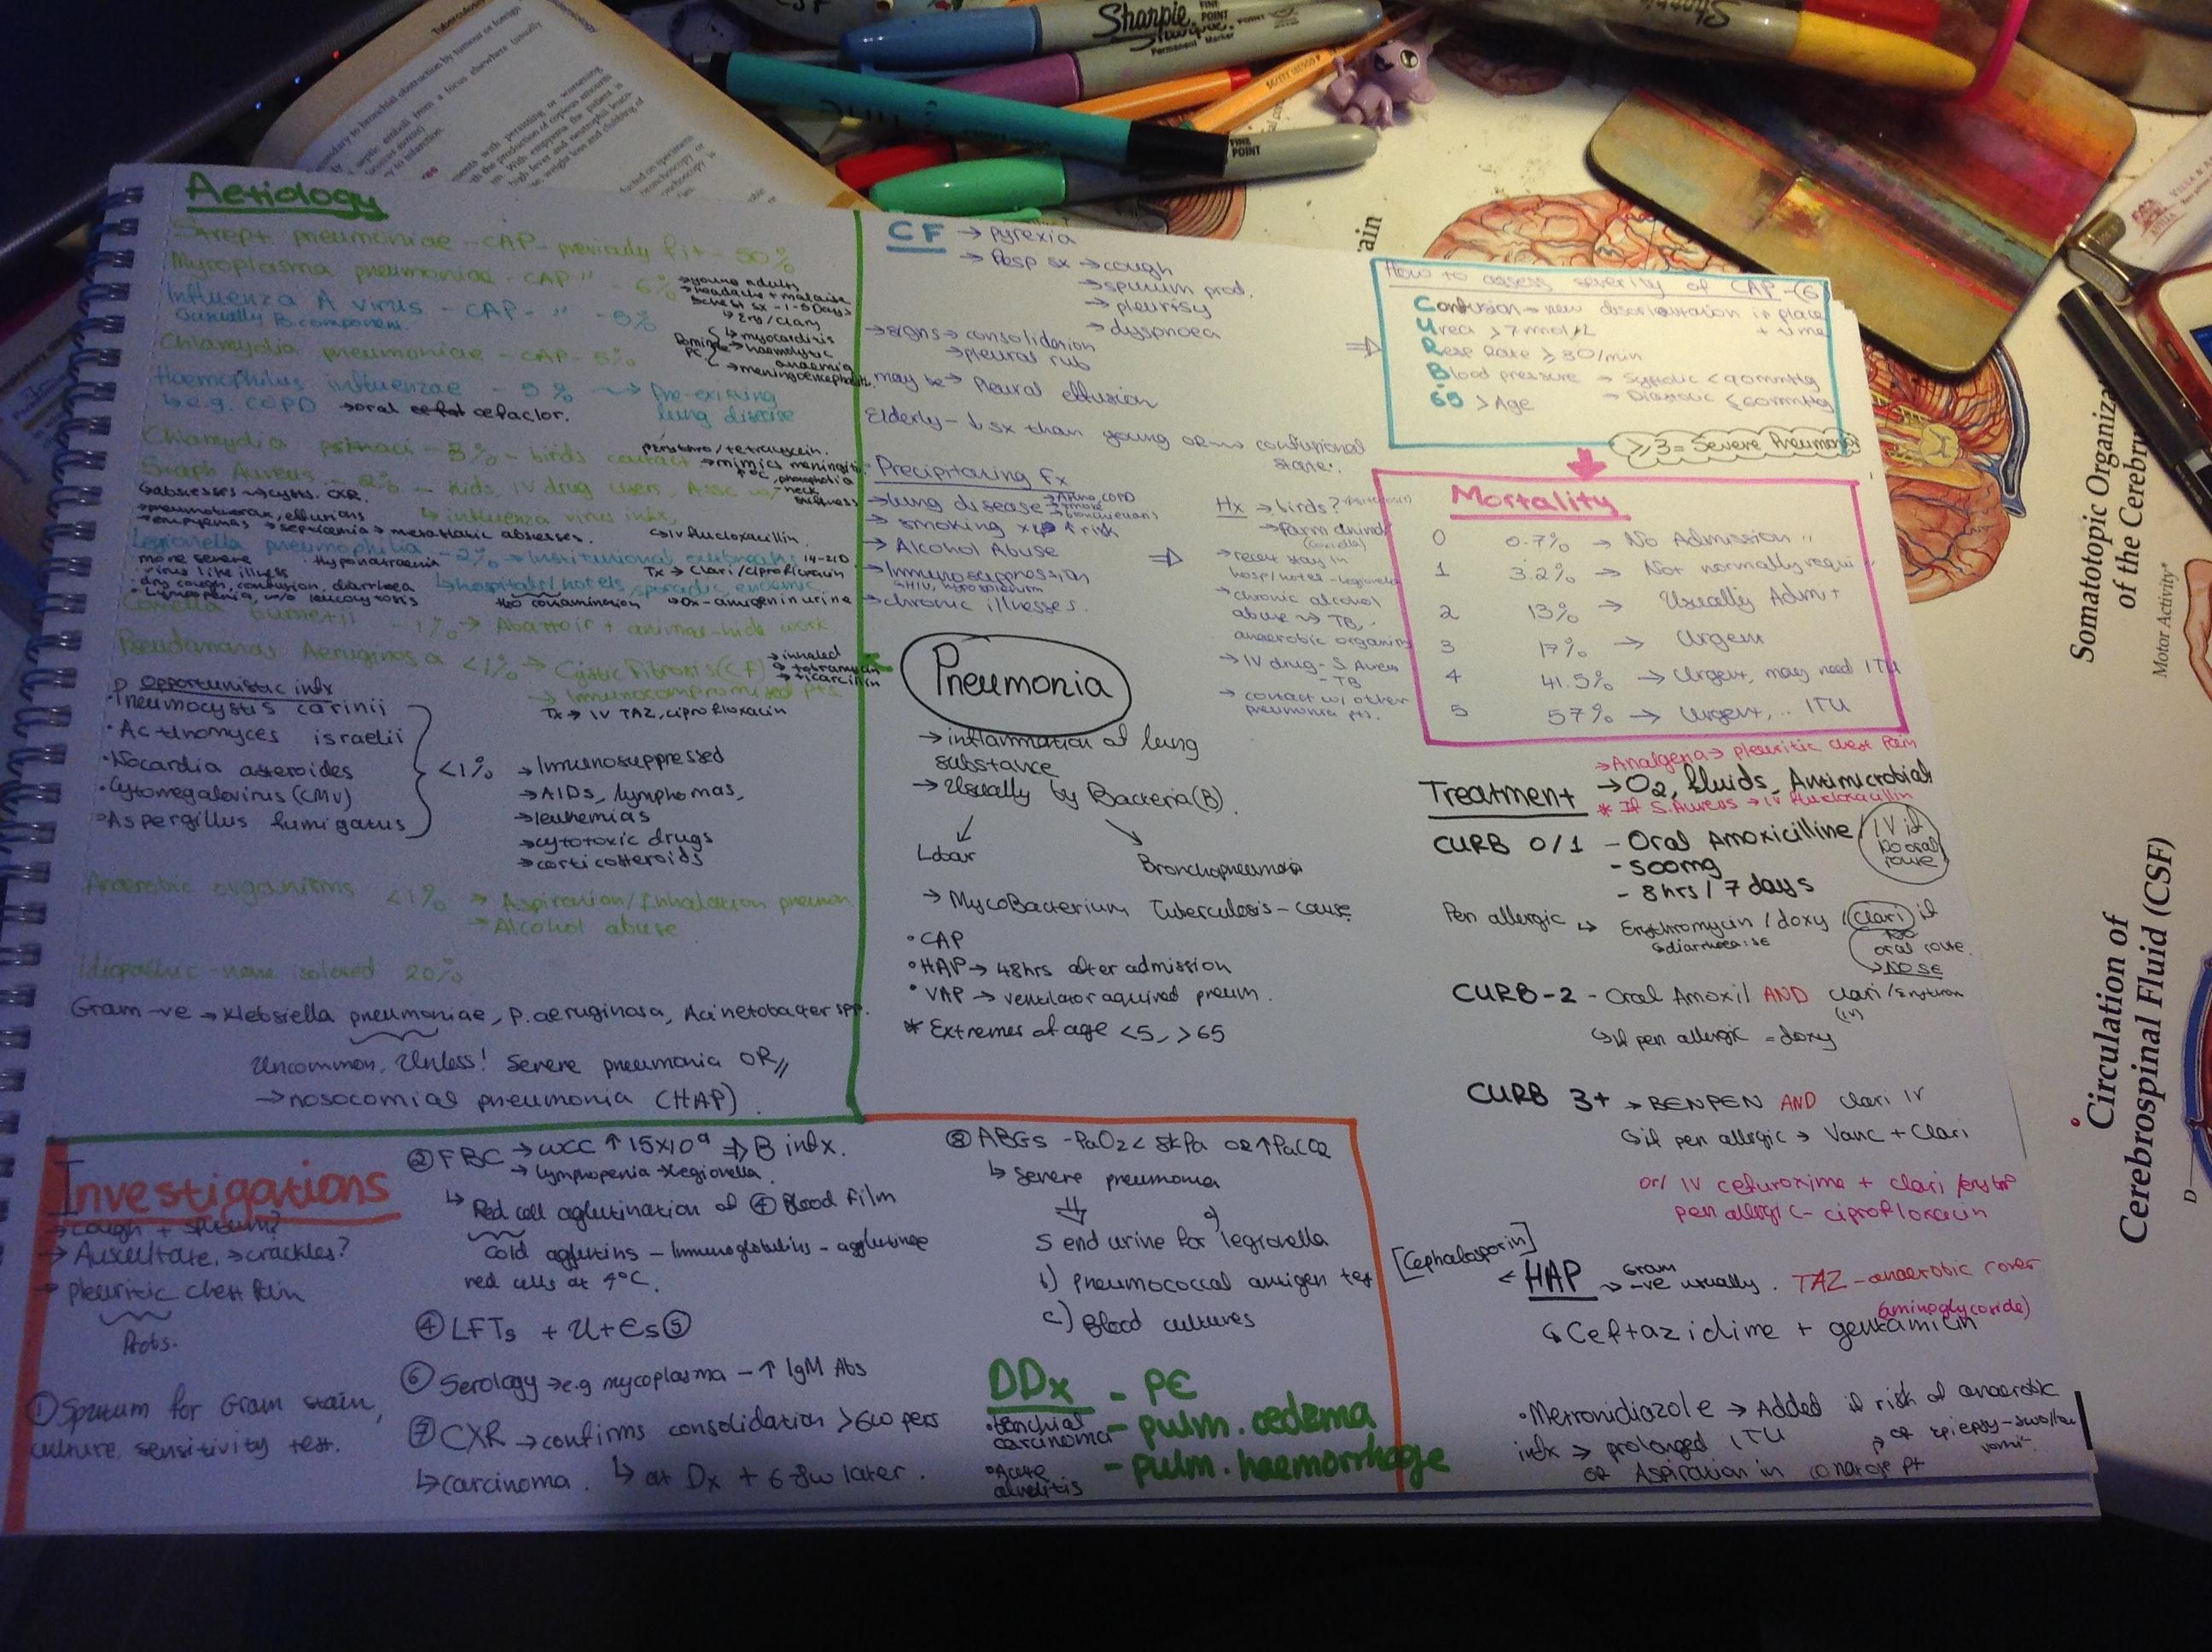 Pneumonia notes